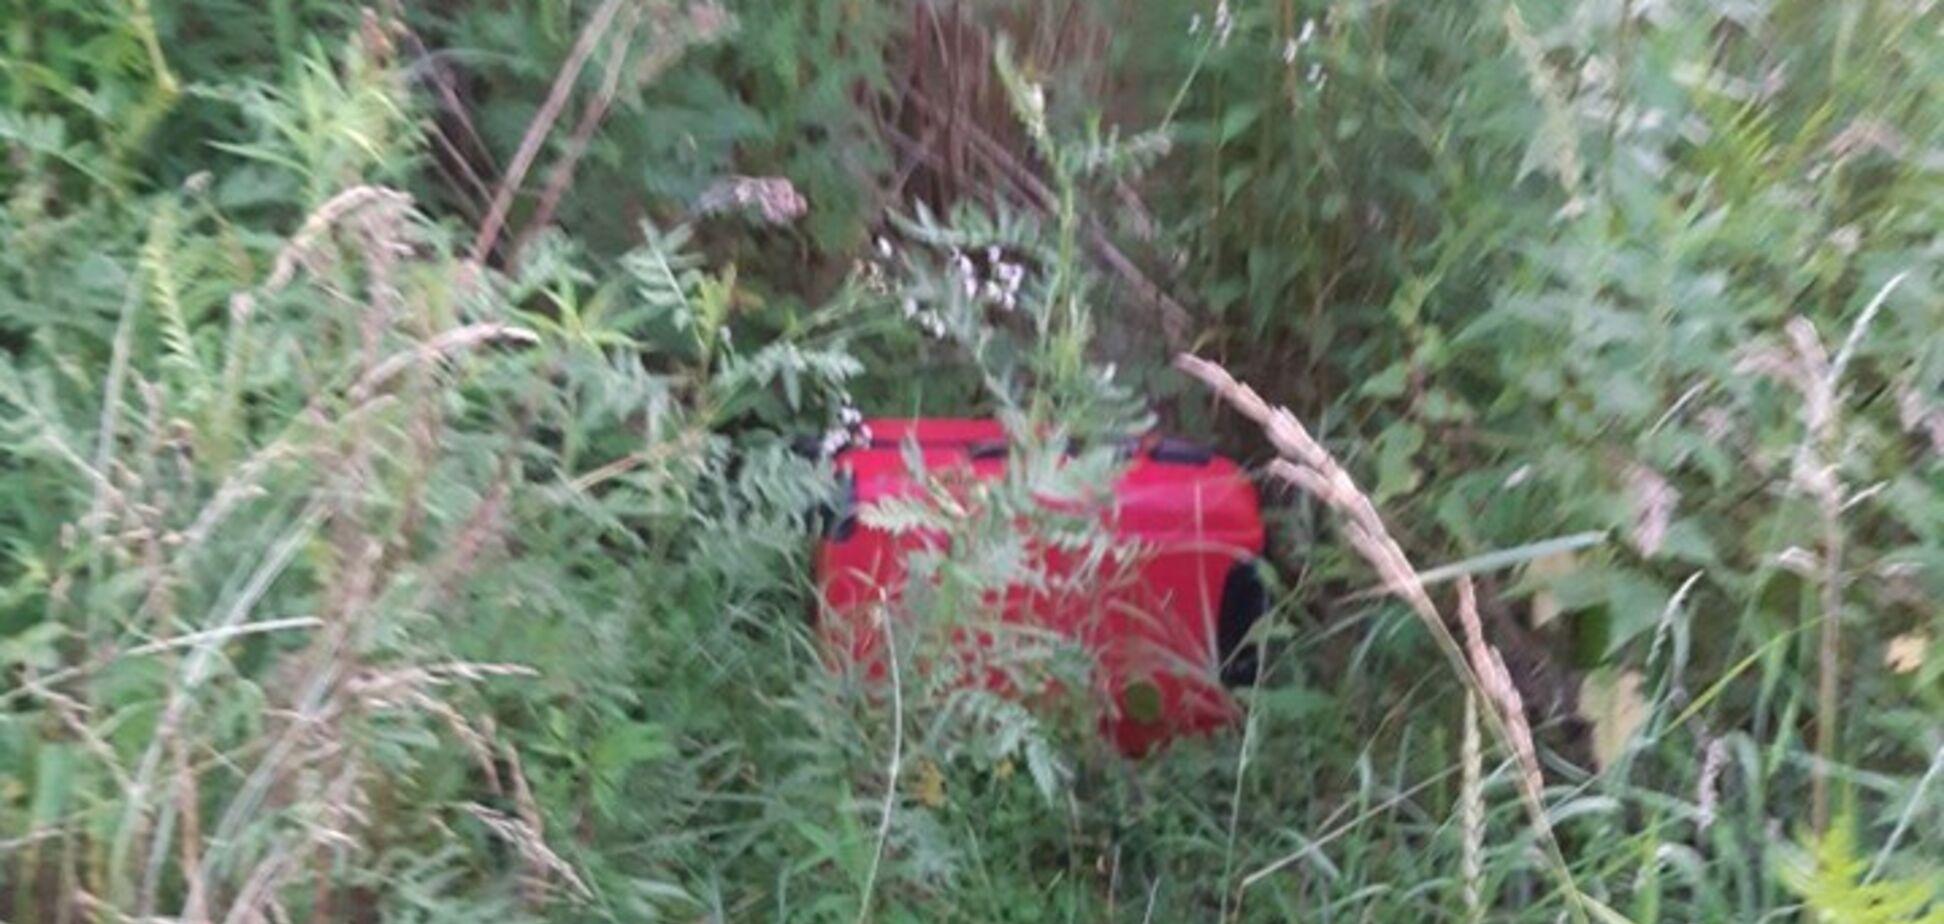 В Черновцах нашли чемодан с телом маленького ребенка. Фото 18+